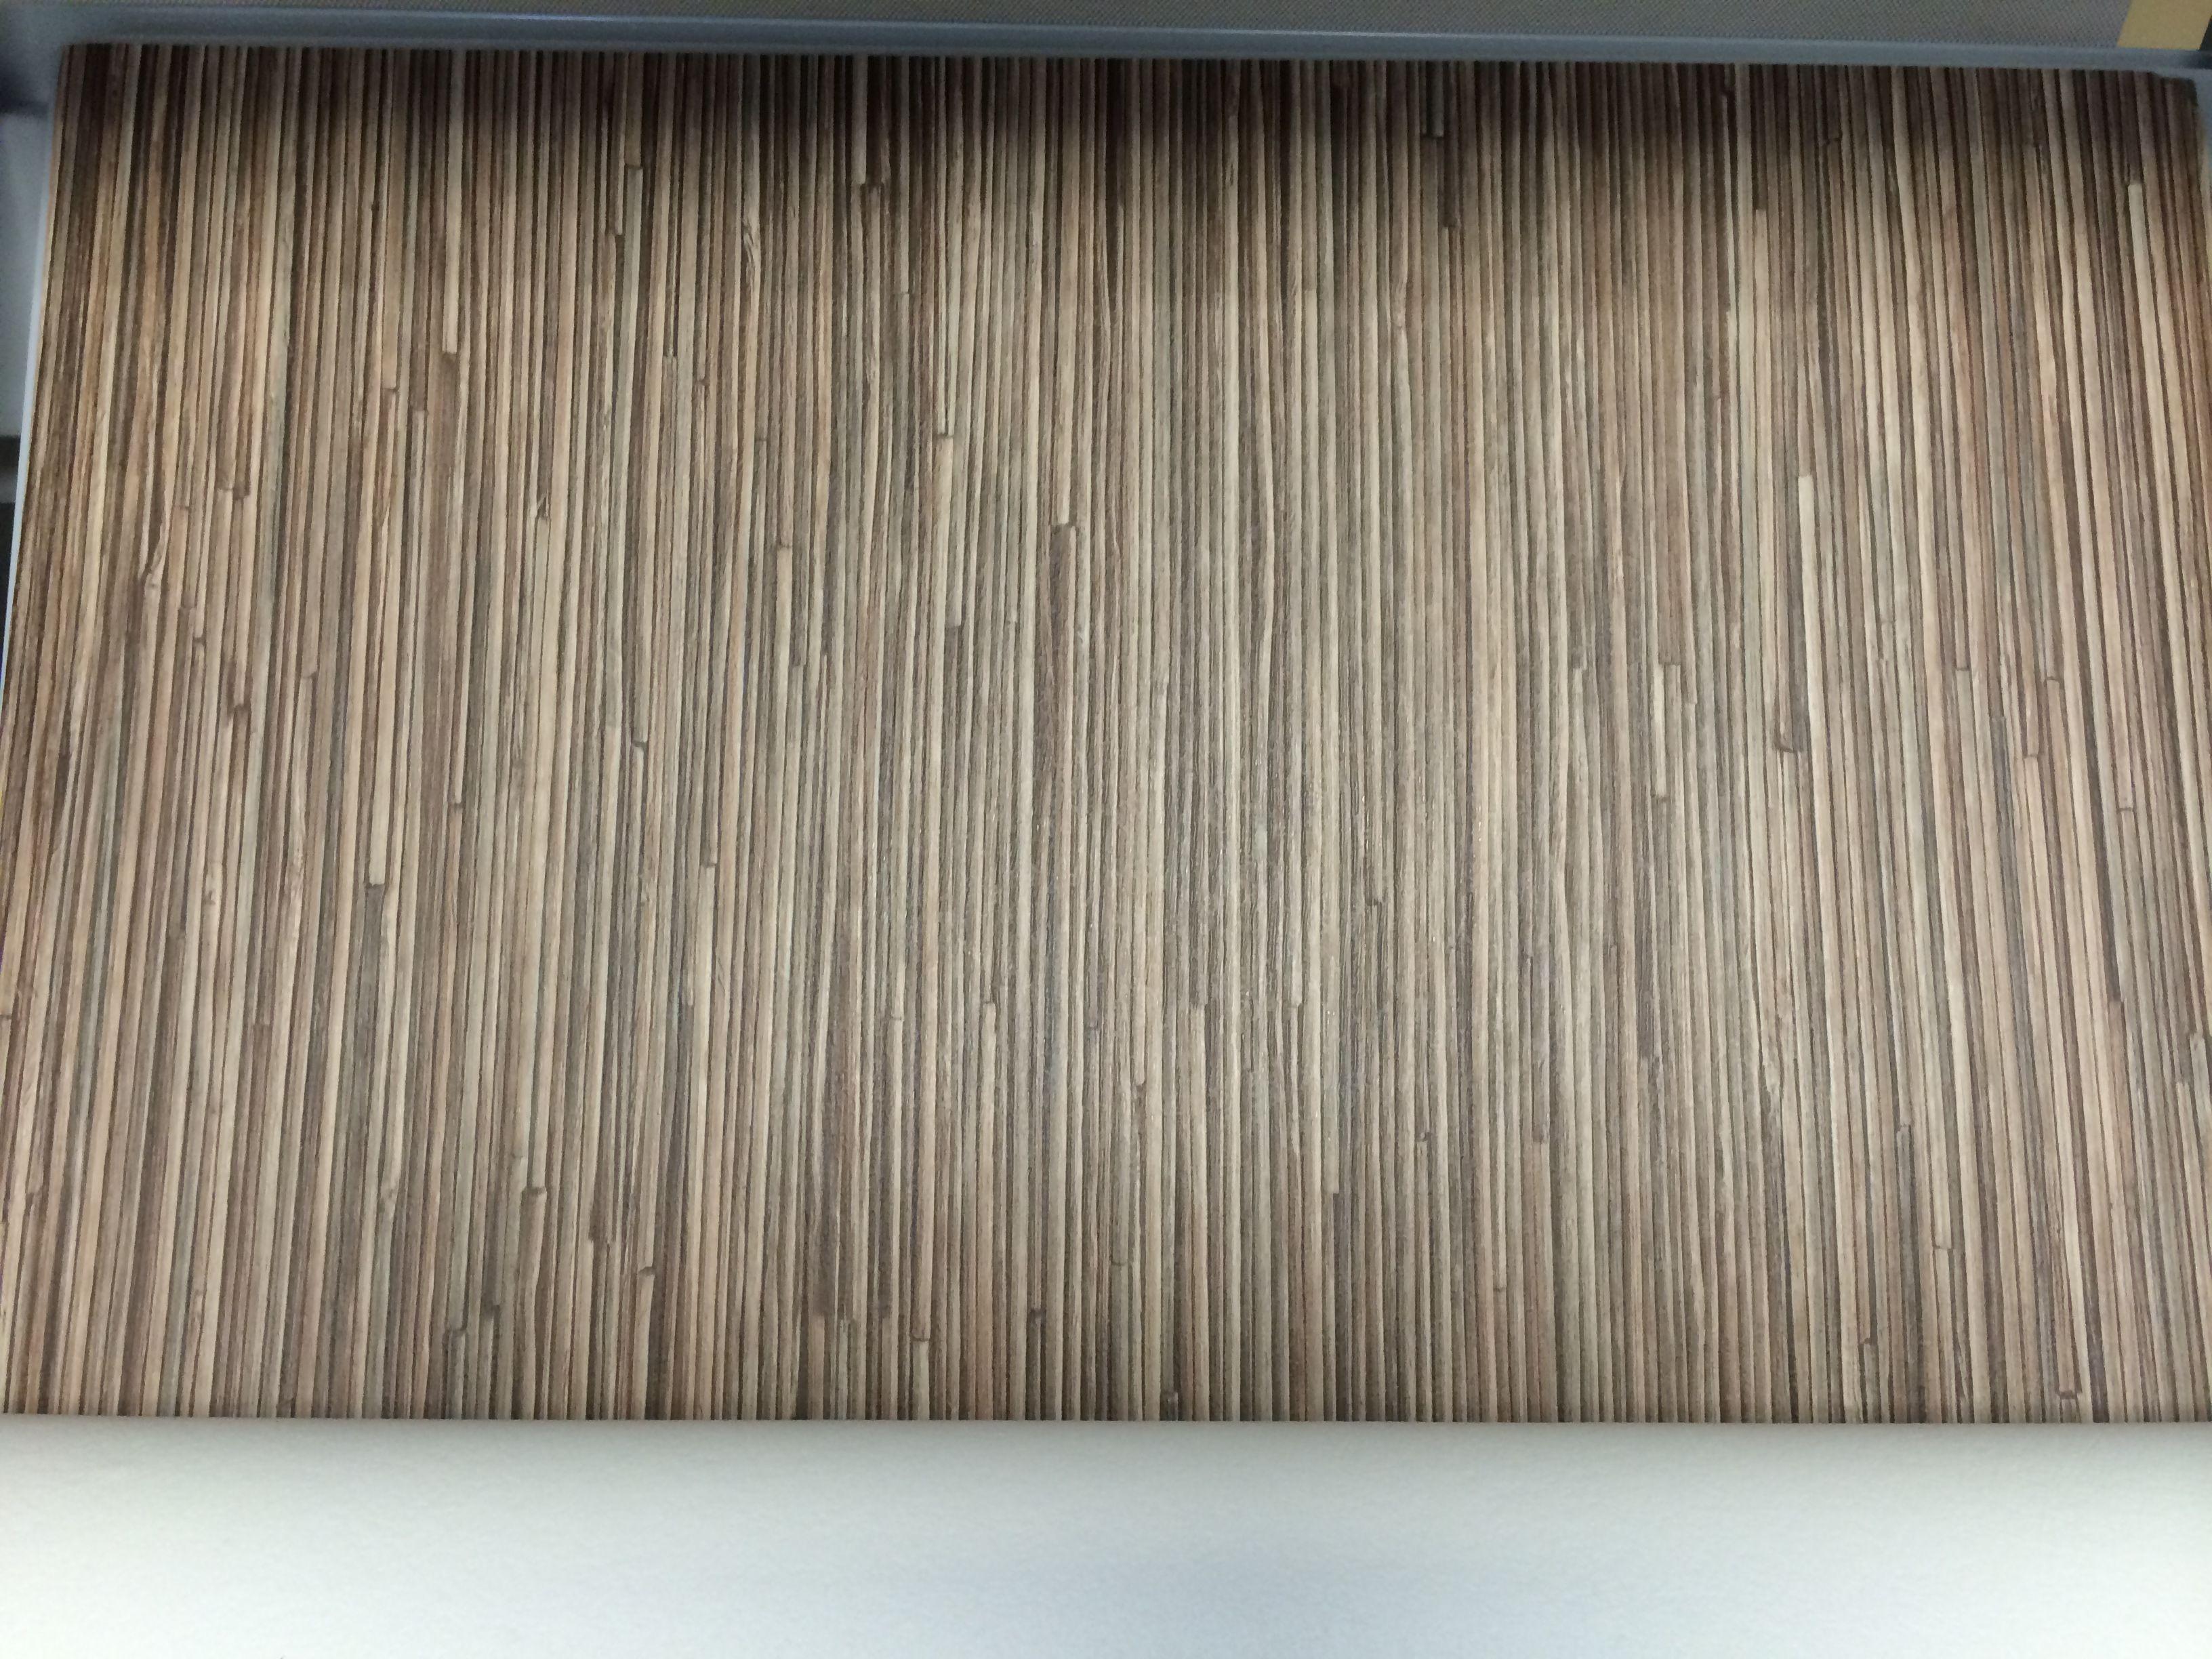 Ivc Us Flexitec Vinyl Sheet Flooring Bamboo 793 Vinyl Sheet